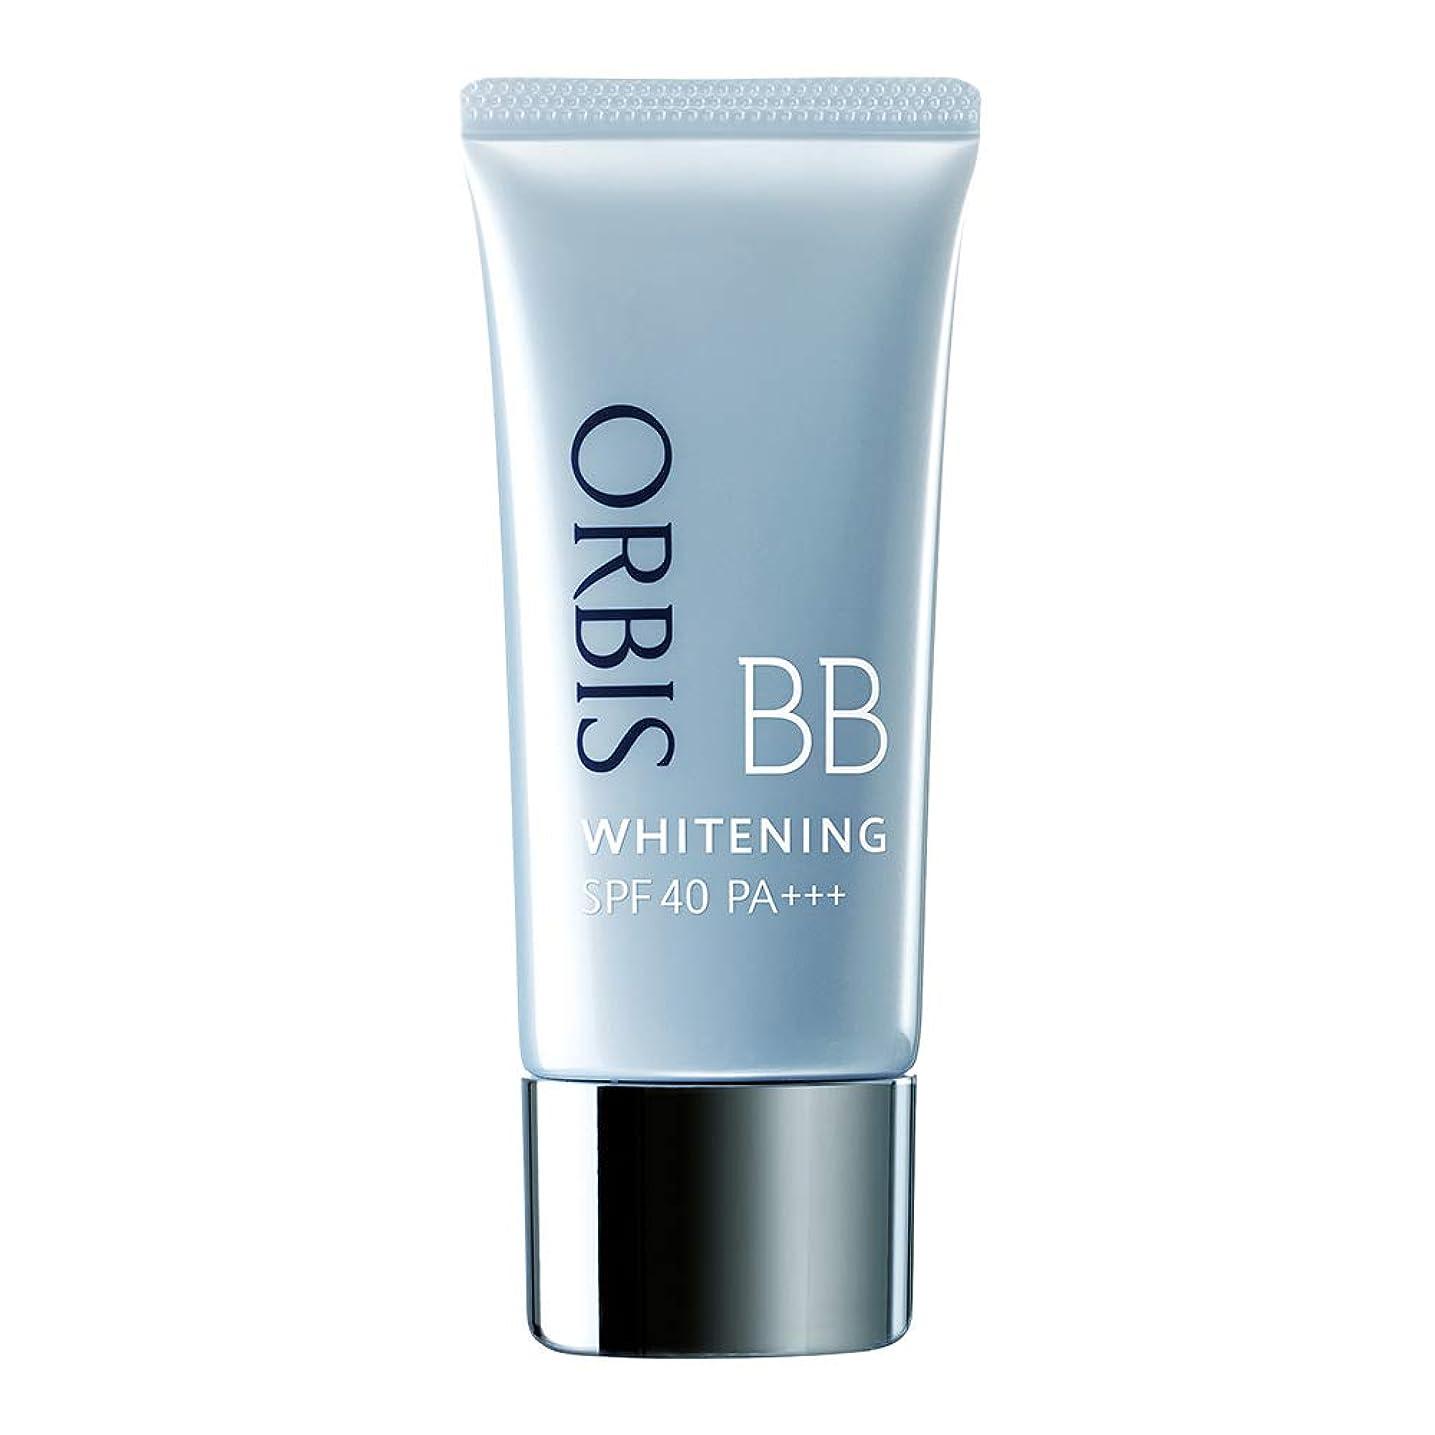 収縮純粋に楽なオルビス(ORBIS) ホワイトニングBB(パフなし)ナチュラル 35g SPF40/PA+++ ◎薬用美白BBクリーム◎ [医薬部外品]